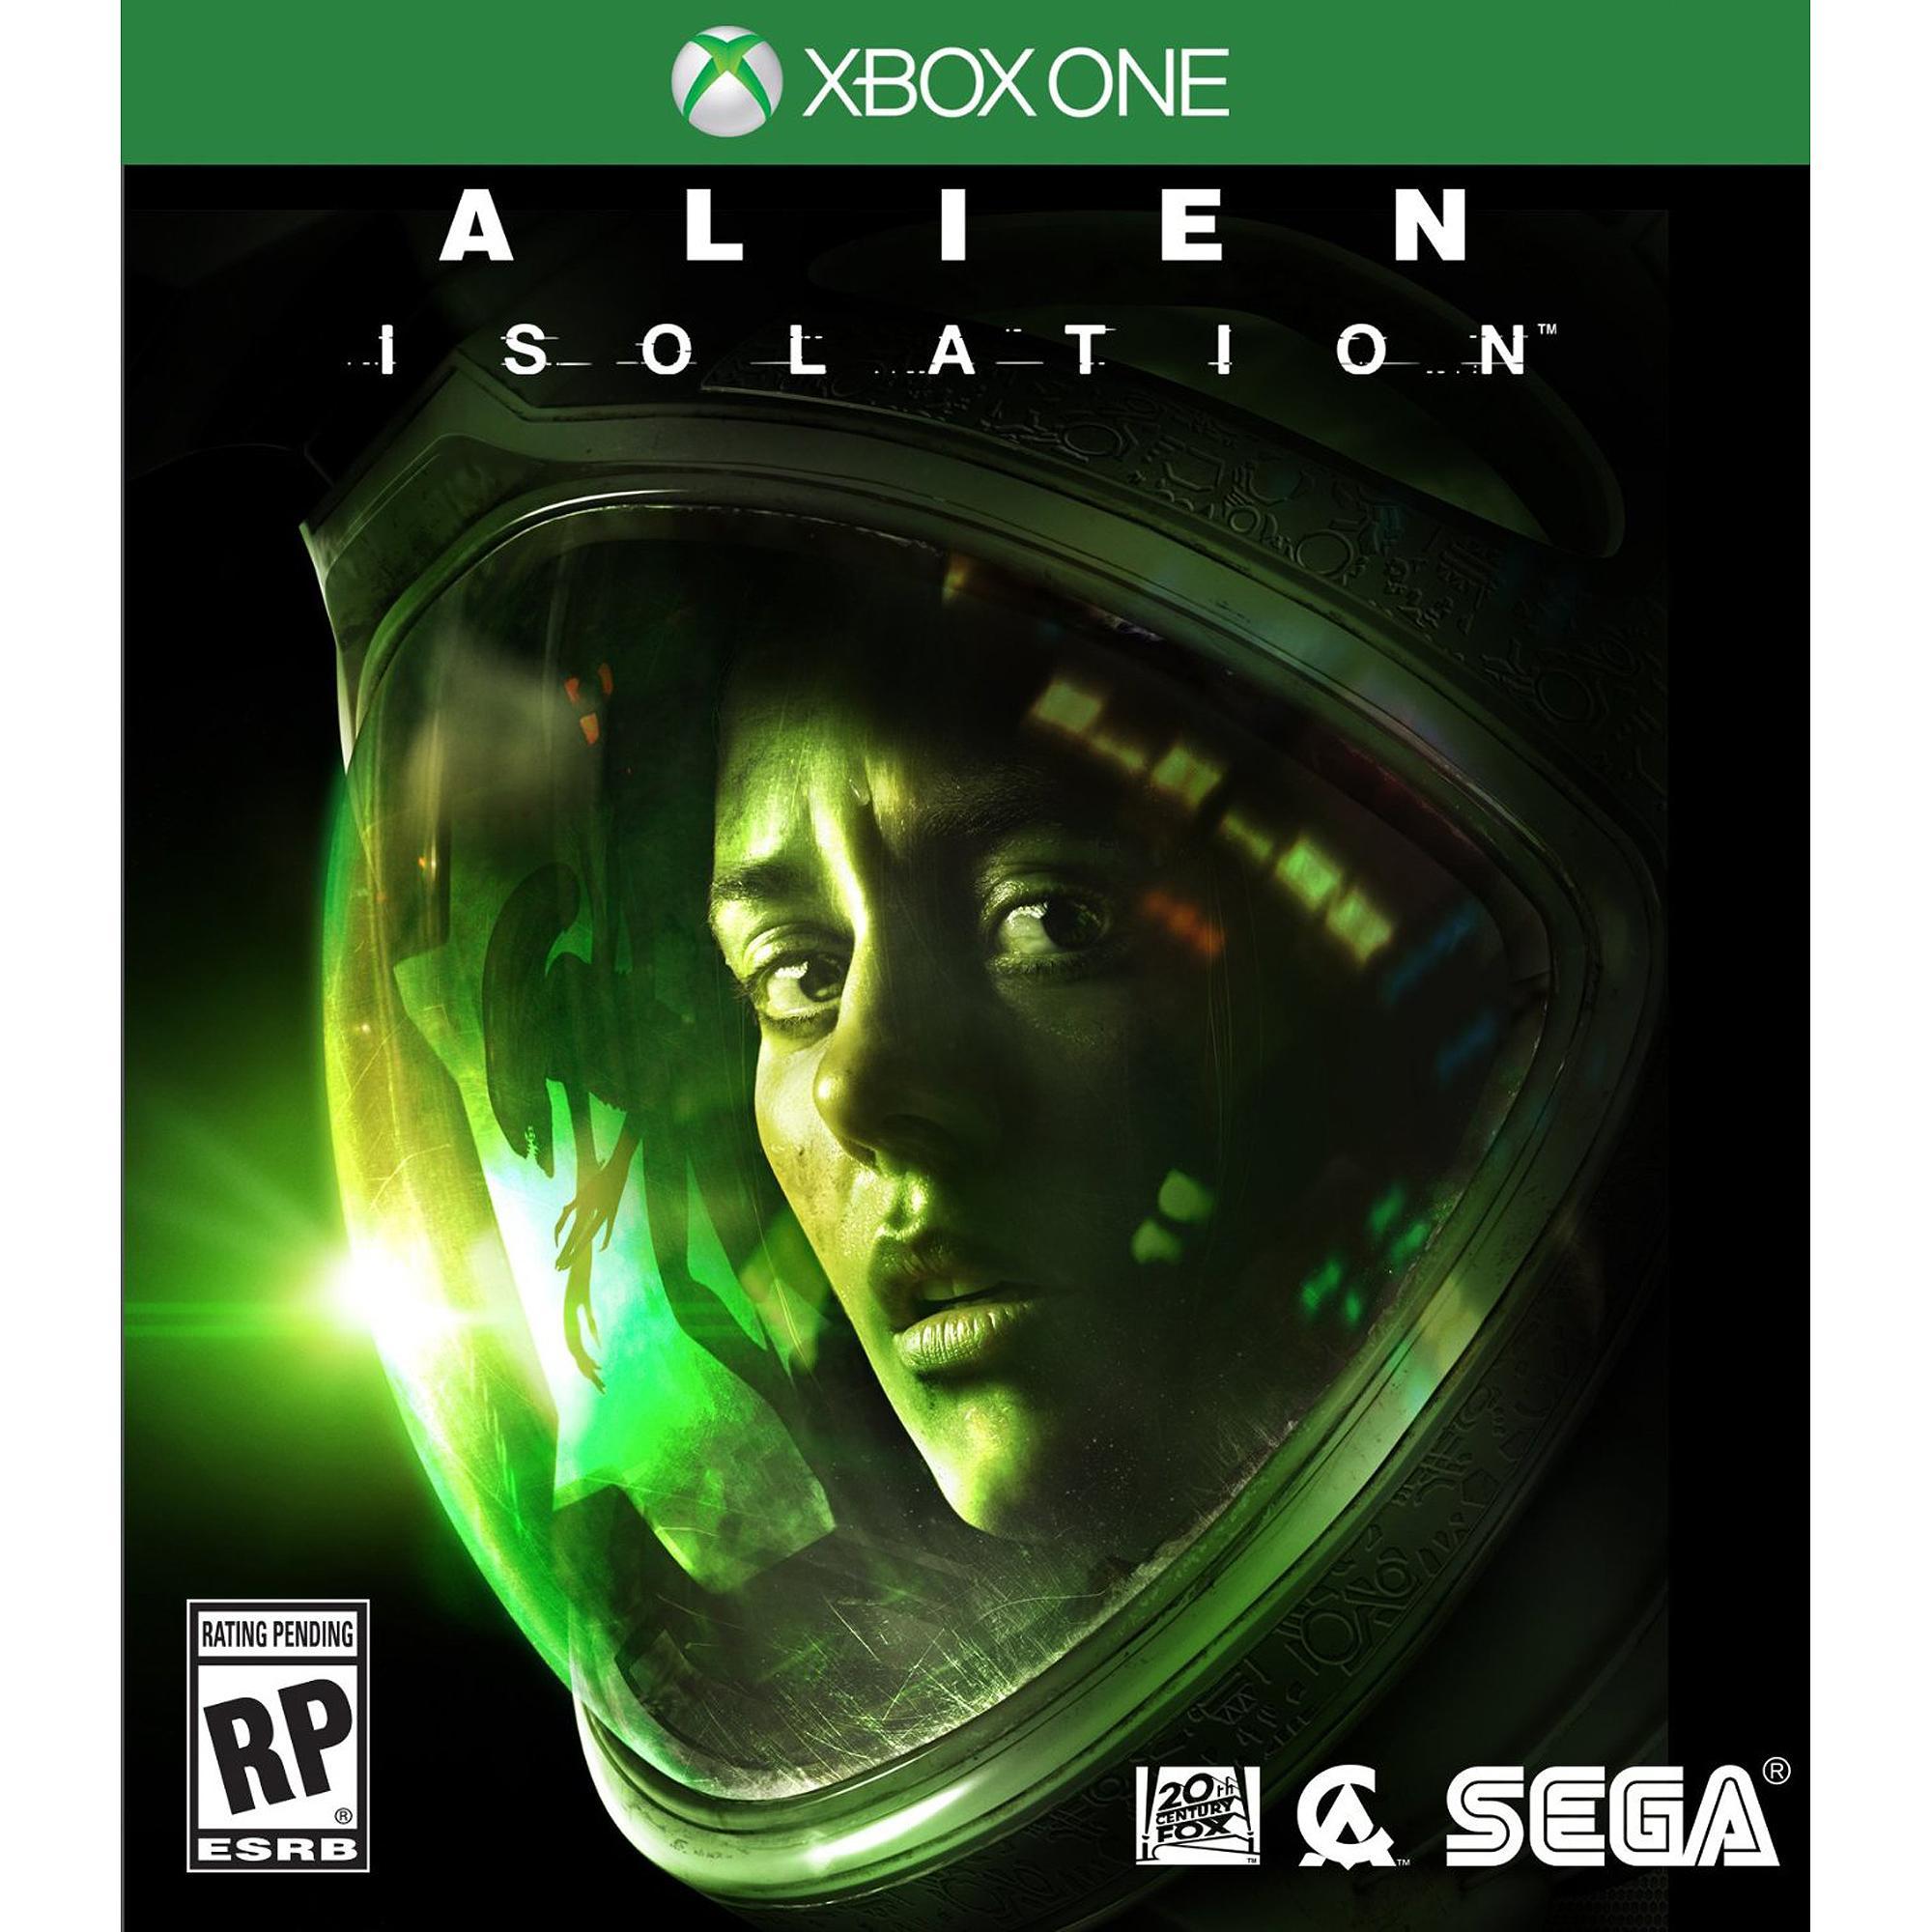 Sélection de jeux vidéos en promotion - Ex : Alien Isolation sur XBOX One